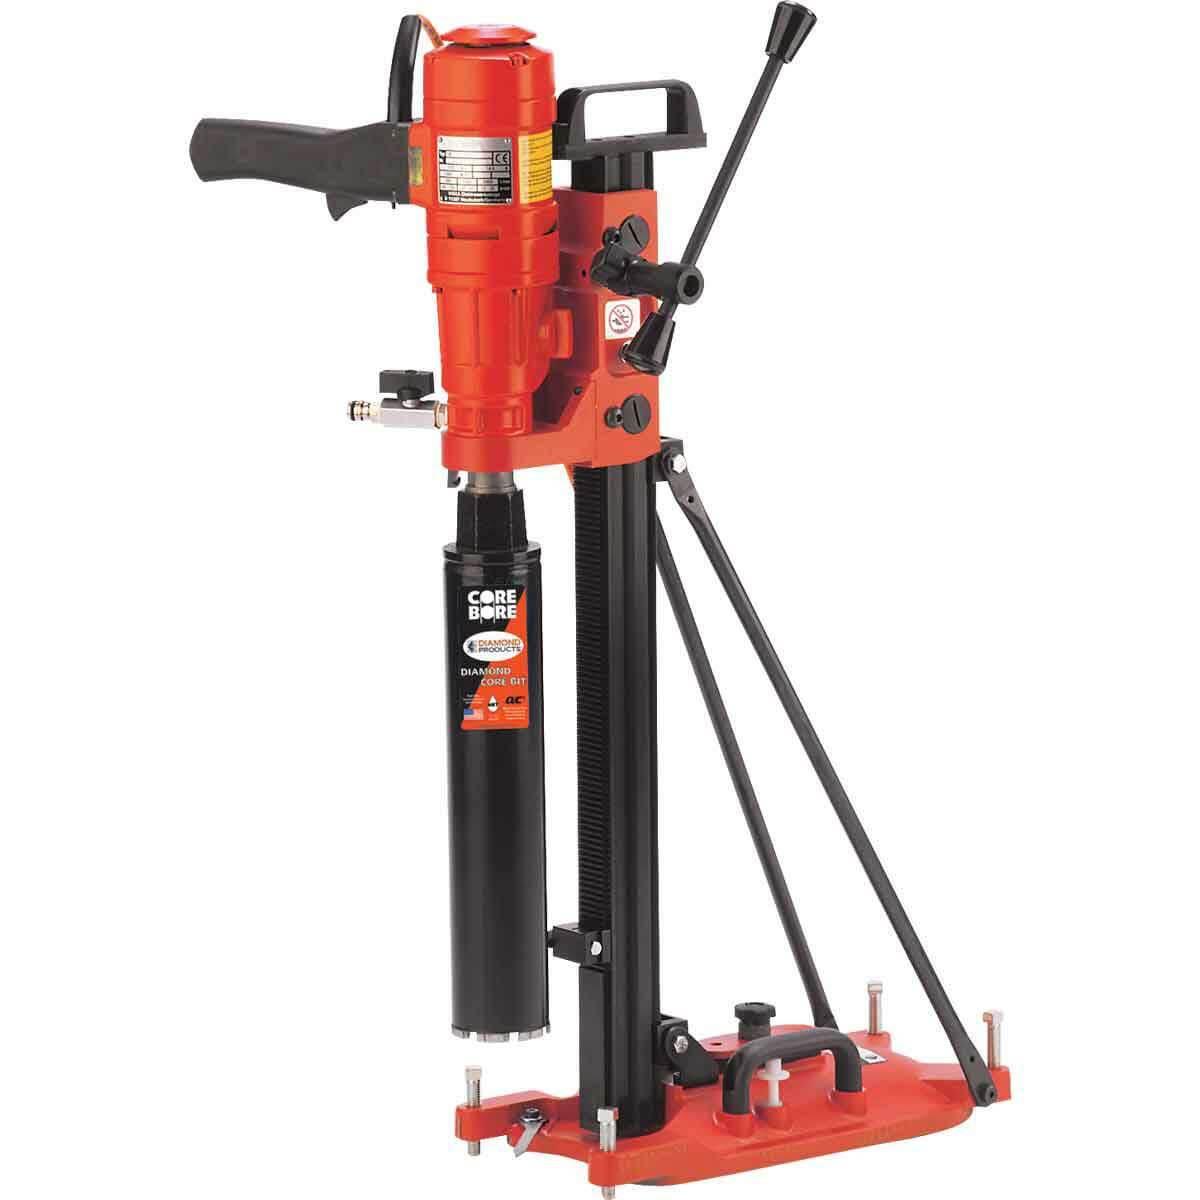 Core Bore M4 Core Drill Rig